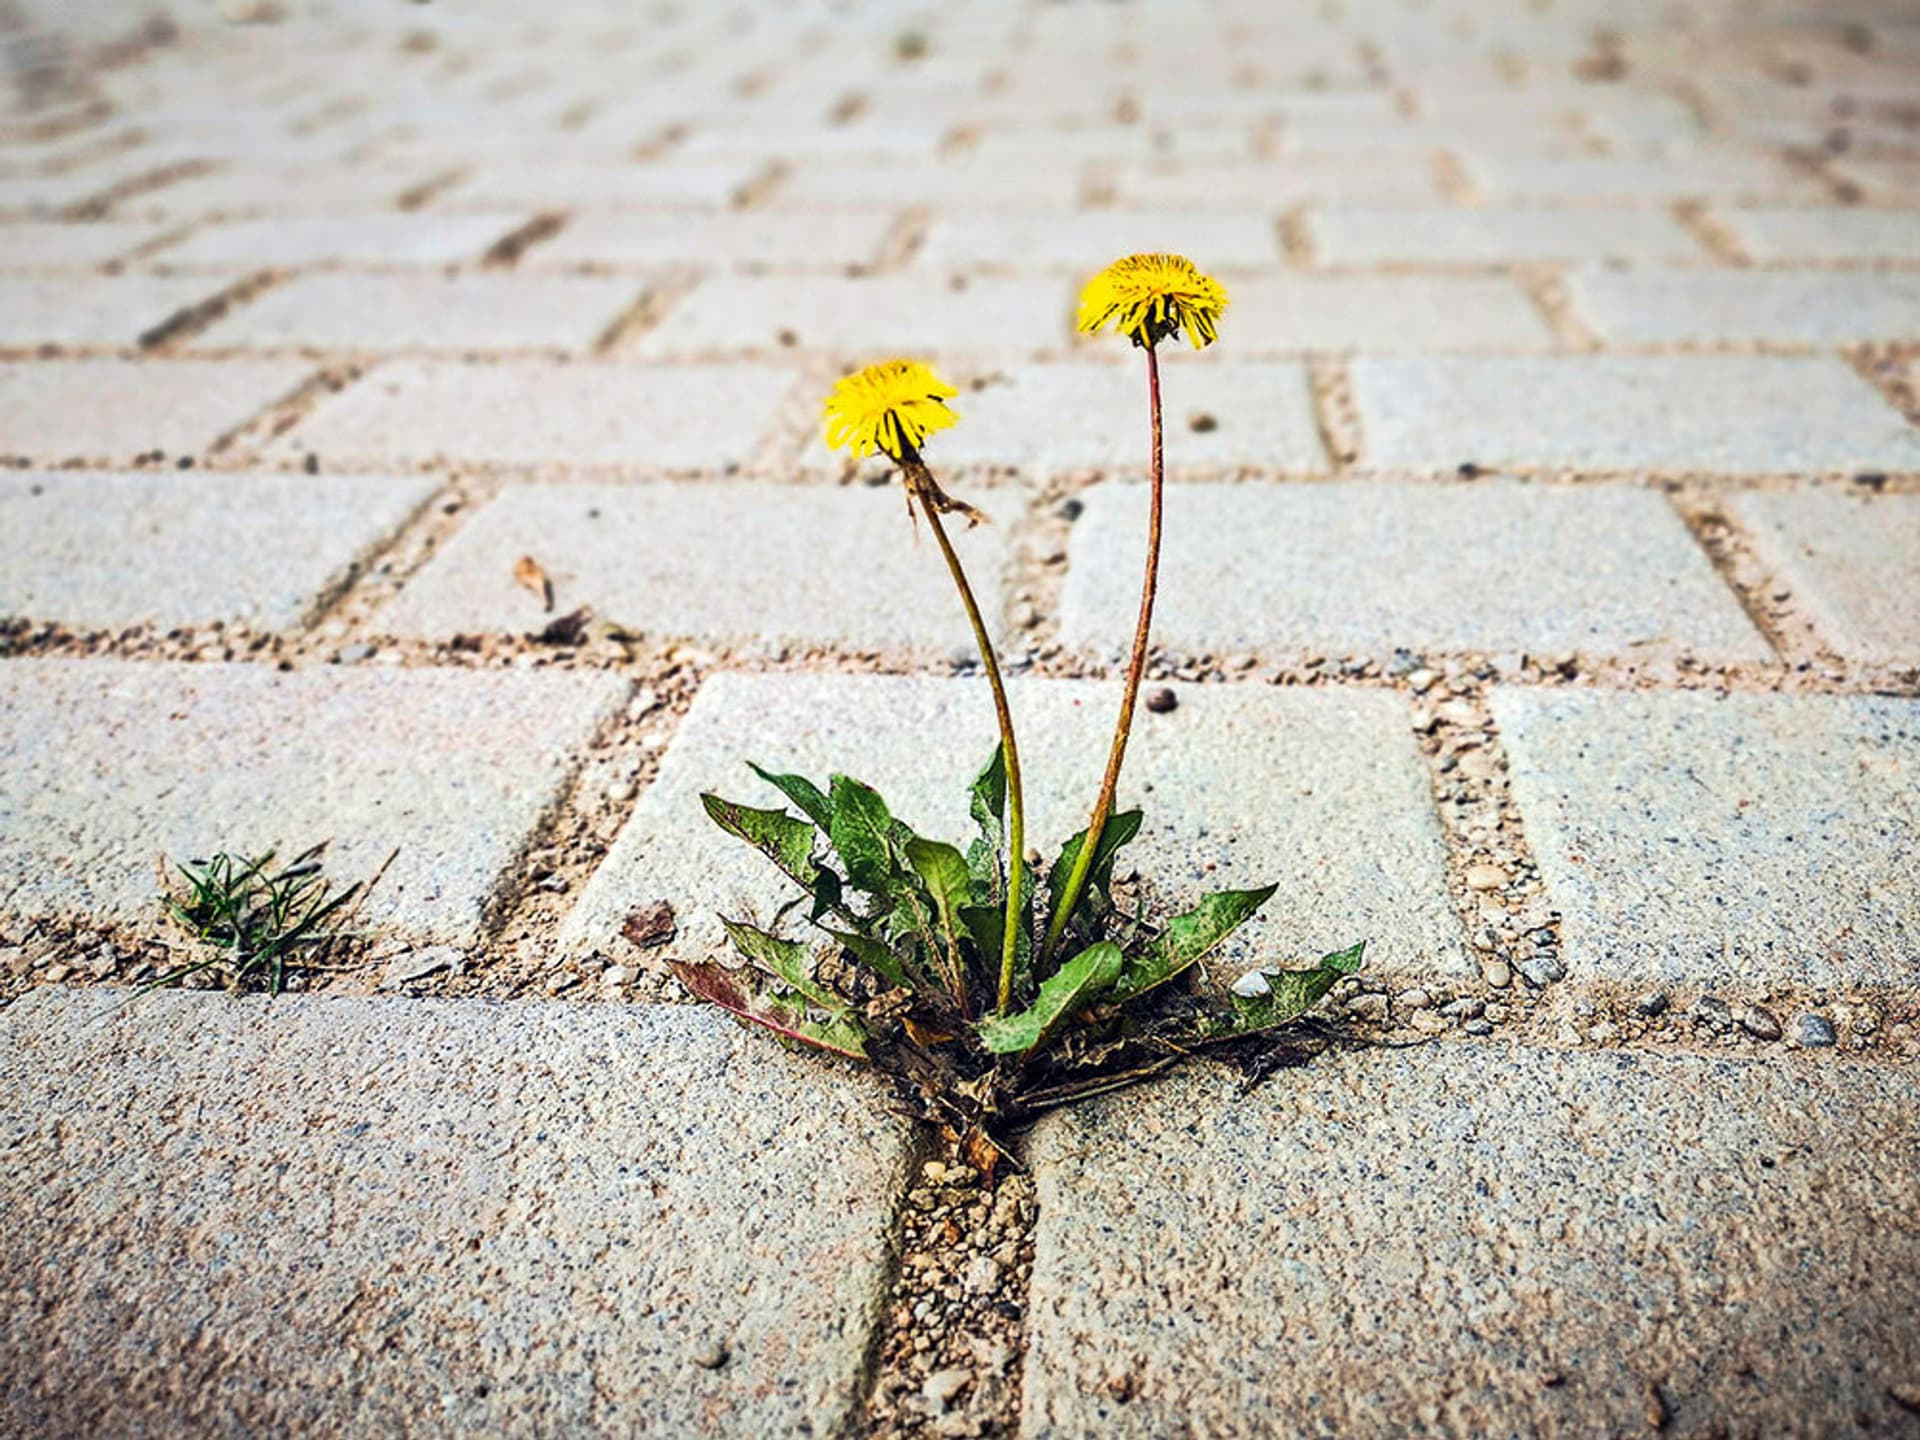 Eine Löwenzahn-Blume wächst in den Fugen von Pflastersteinen.